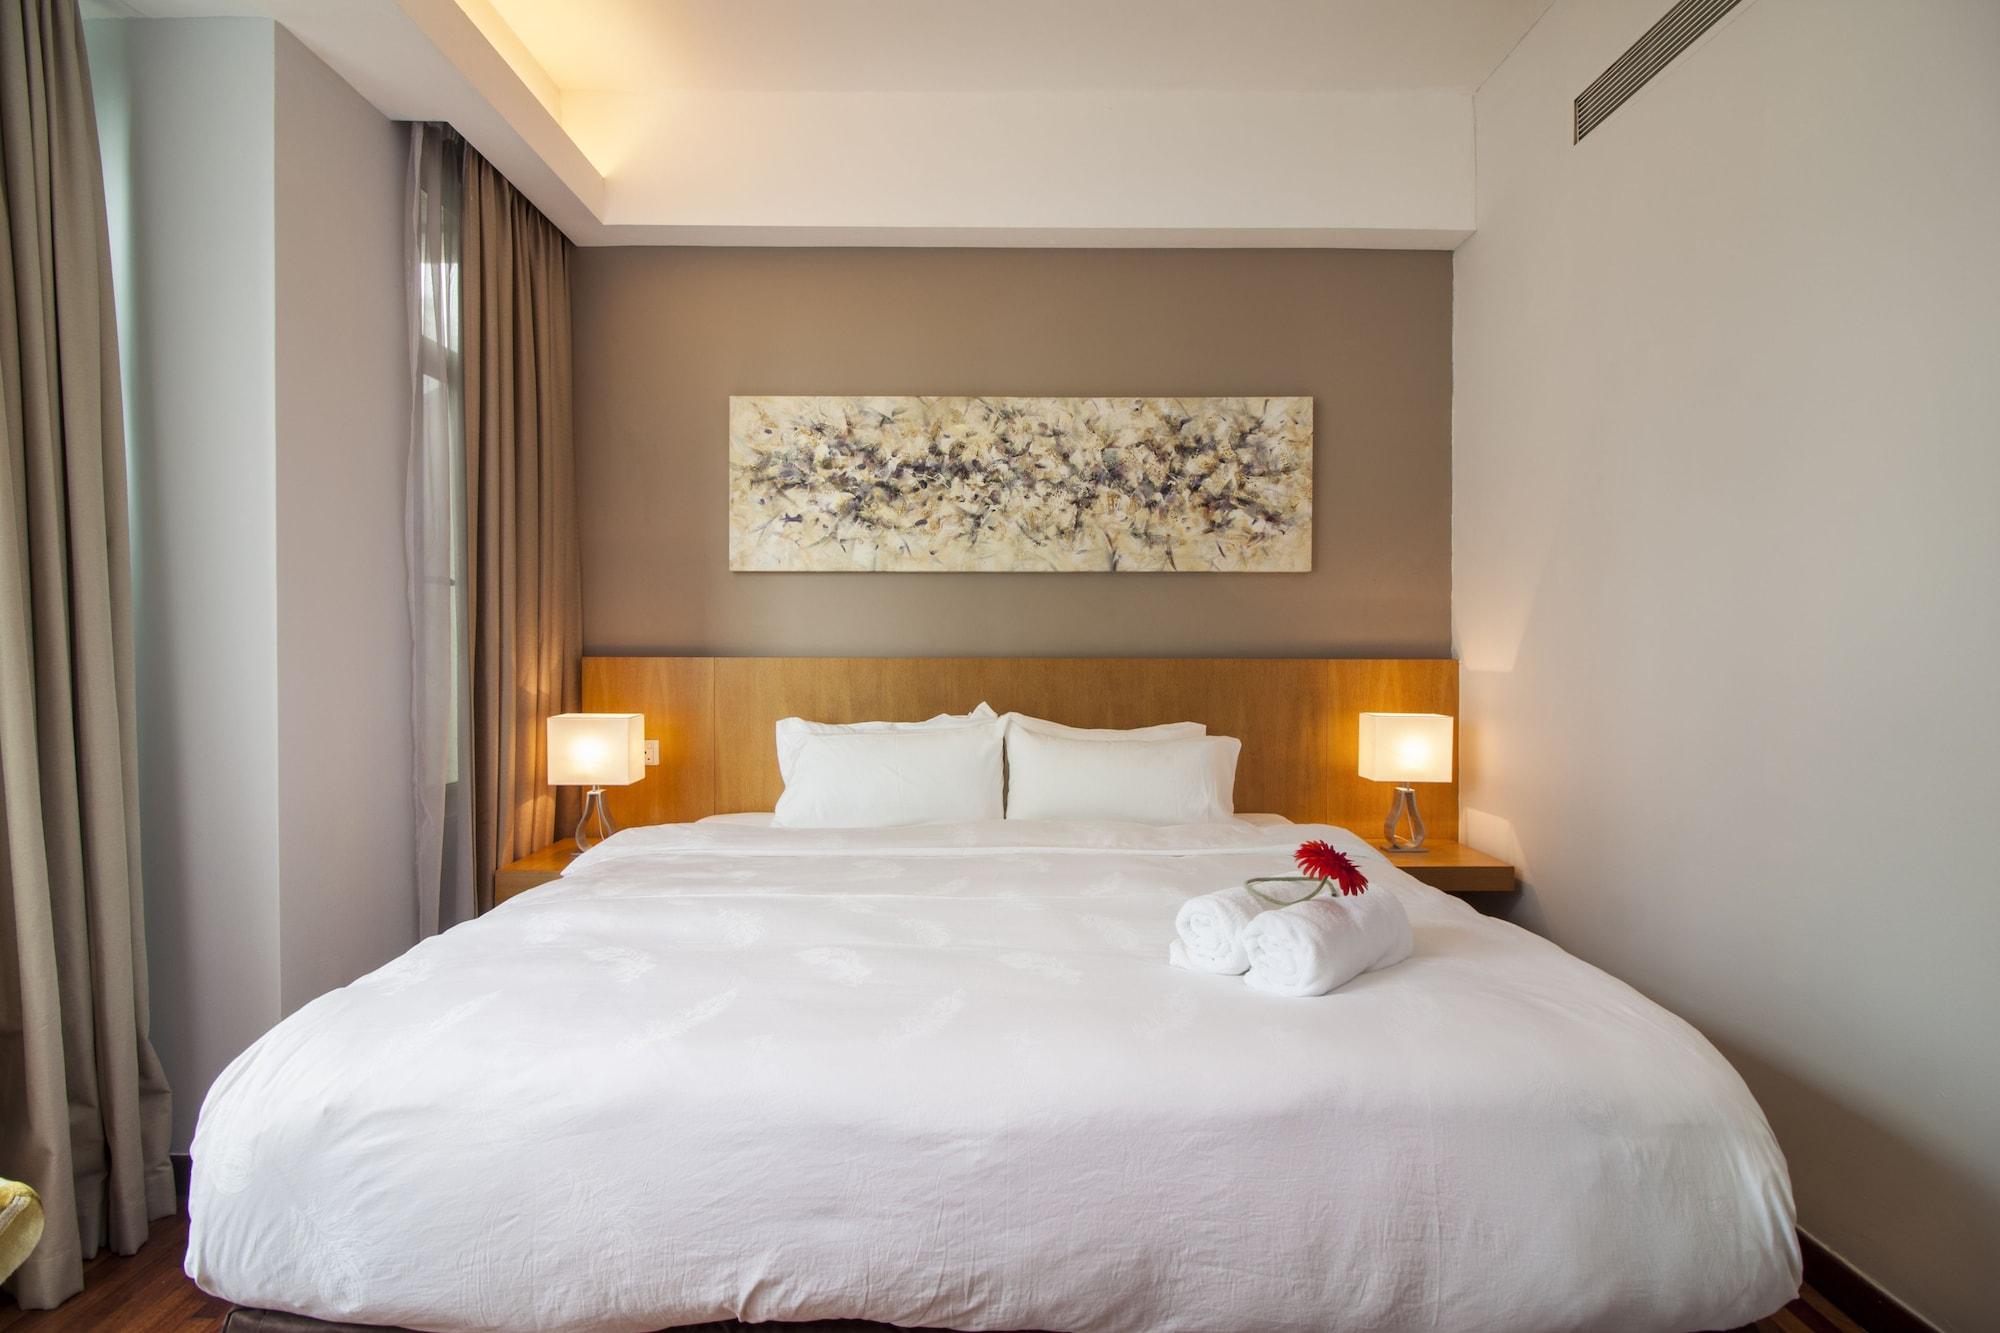 KLCC Suites by Plush, Kuala Lumpur